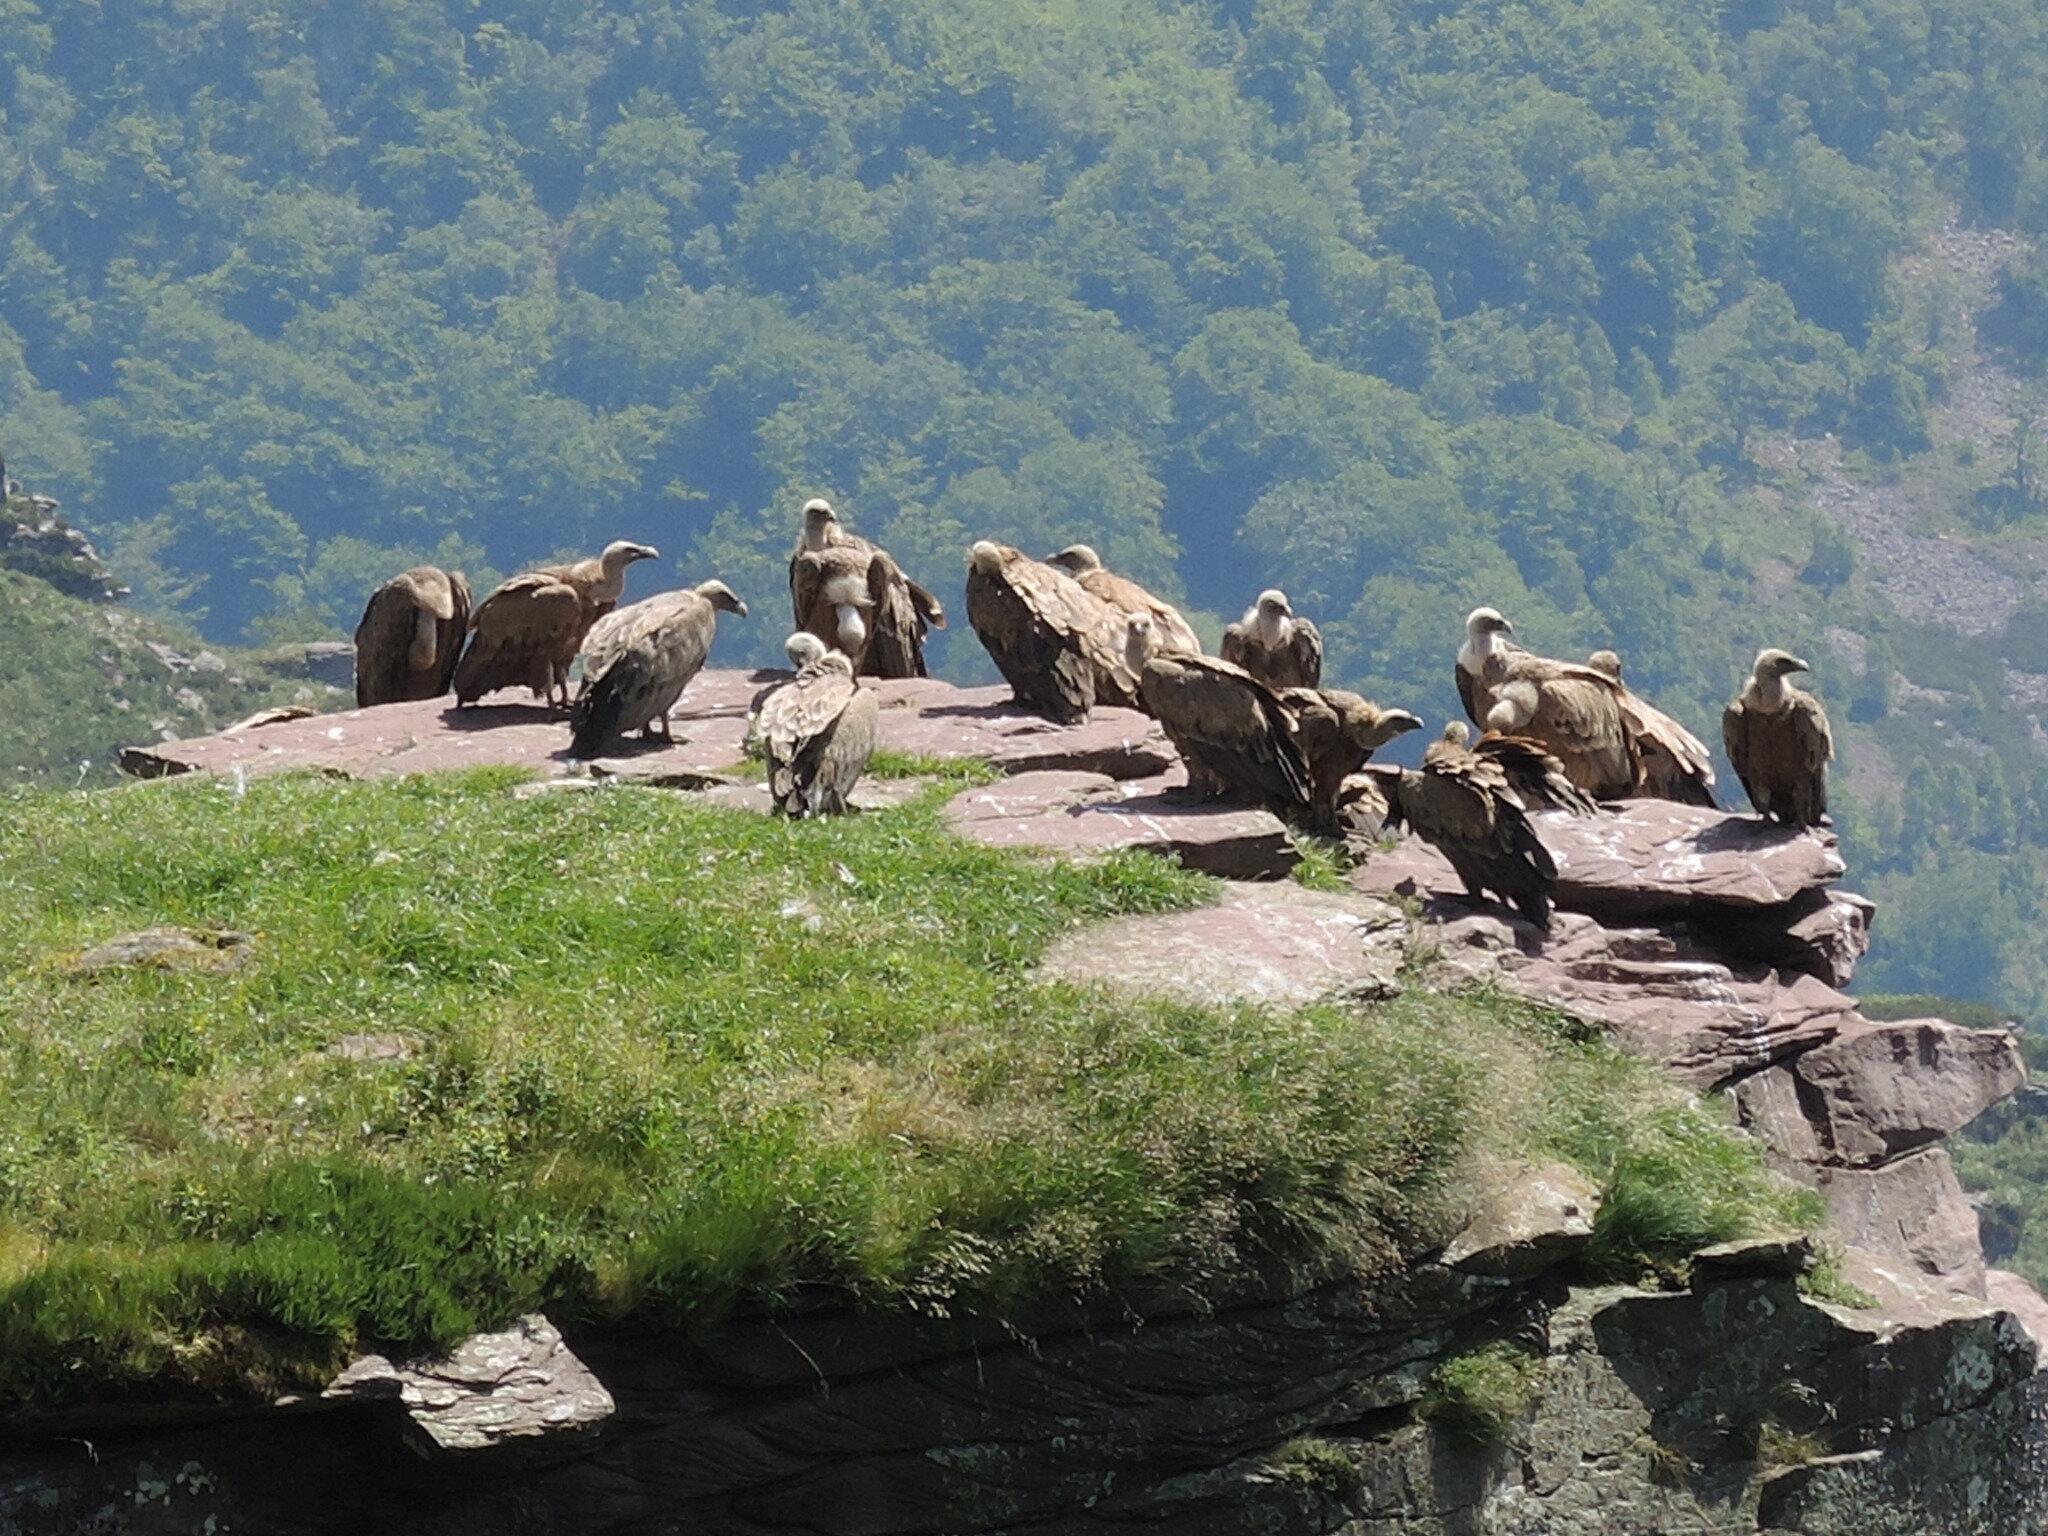 Penas d'Itxusi, falaise des vautours, vautours, profil droit (64)